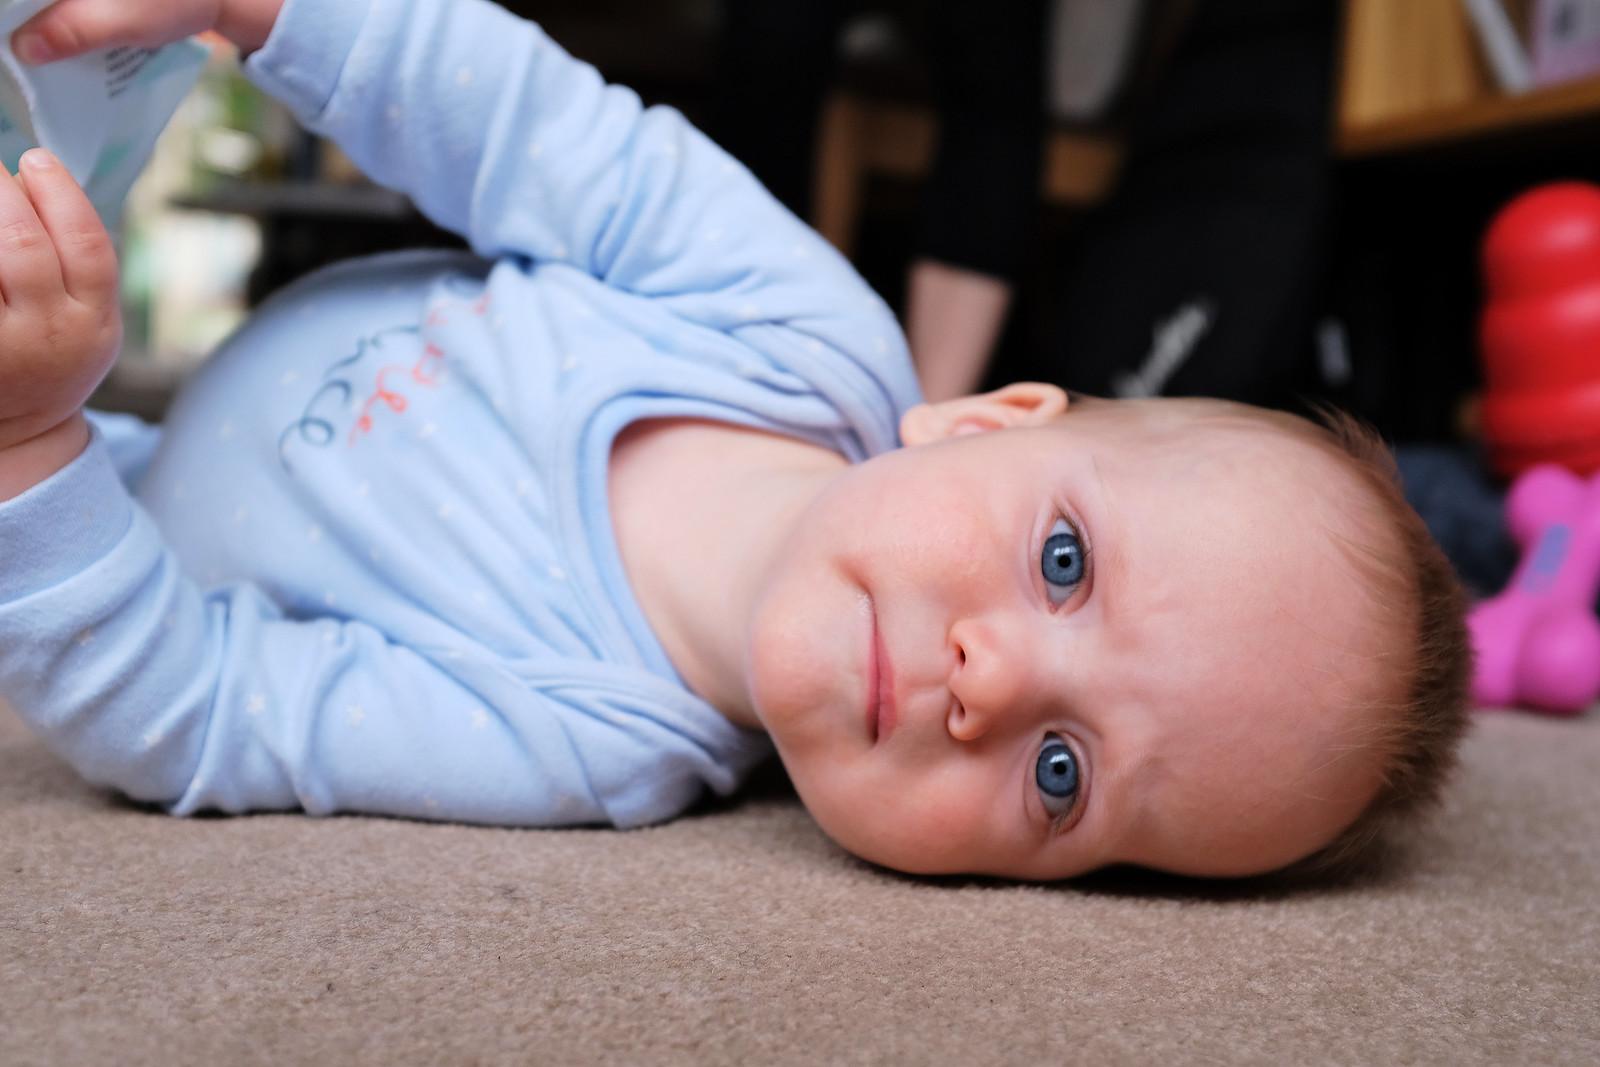 Baby boy lying on the floor